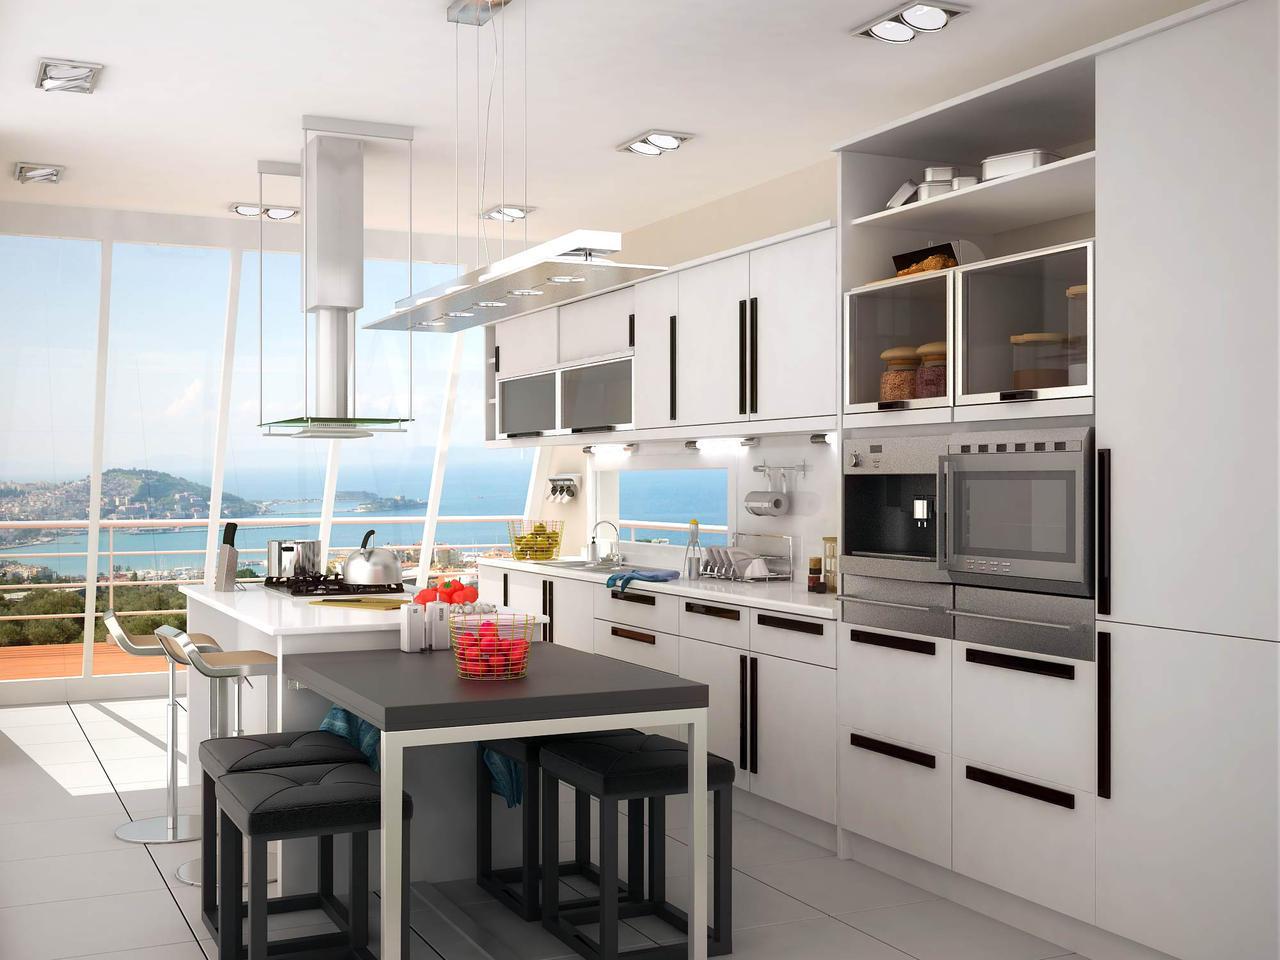 یک آشپزخانه با پنجره ای رو به دریا --- عکس زیبا و با کیفیت از دکوراسیون آشپزخانه با پنجره ای رو به دریا